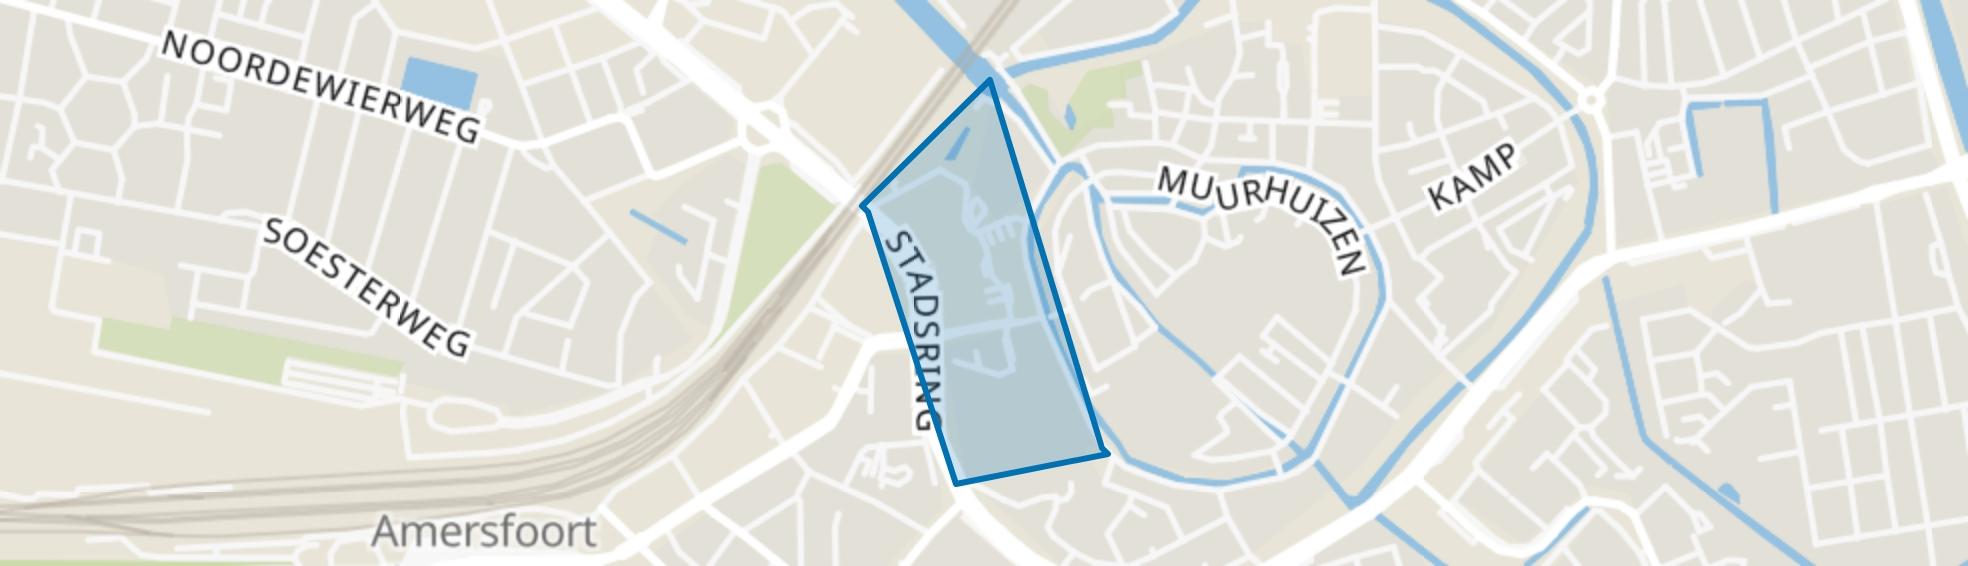 Stadhuisplein, Amersfoort map